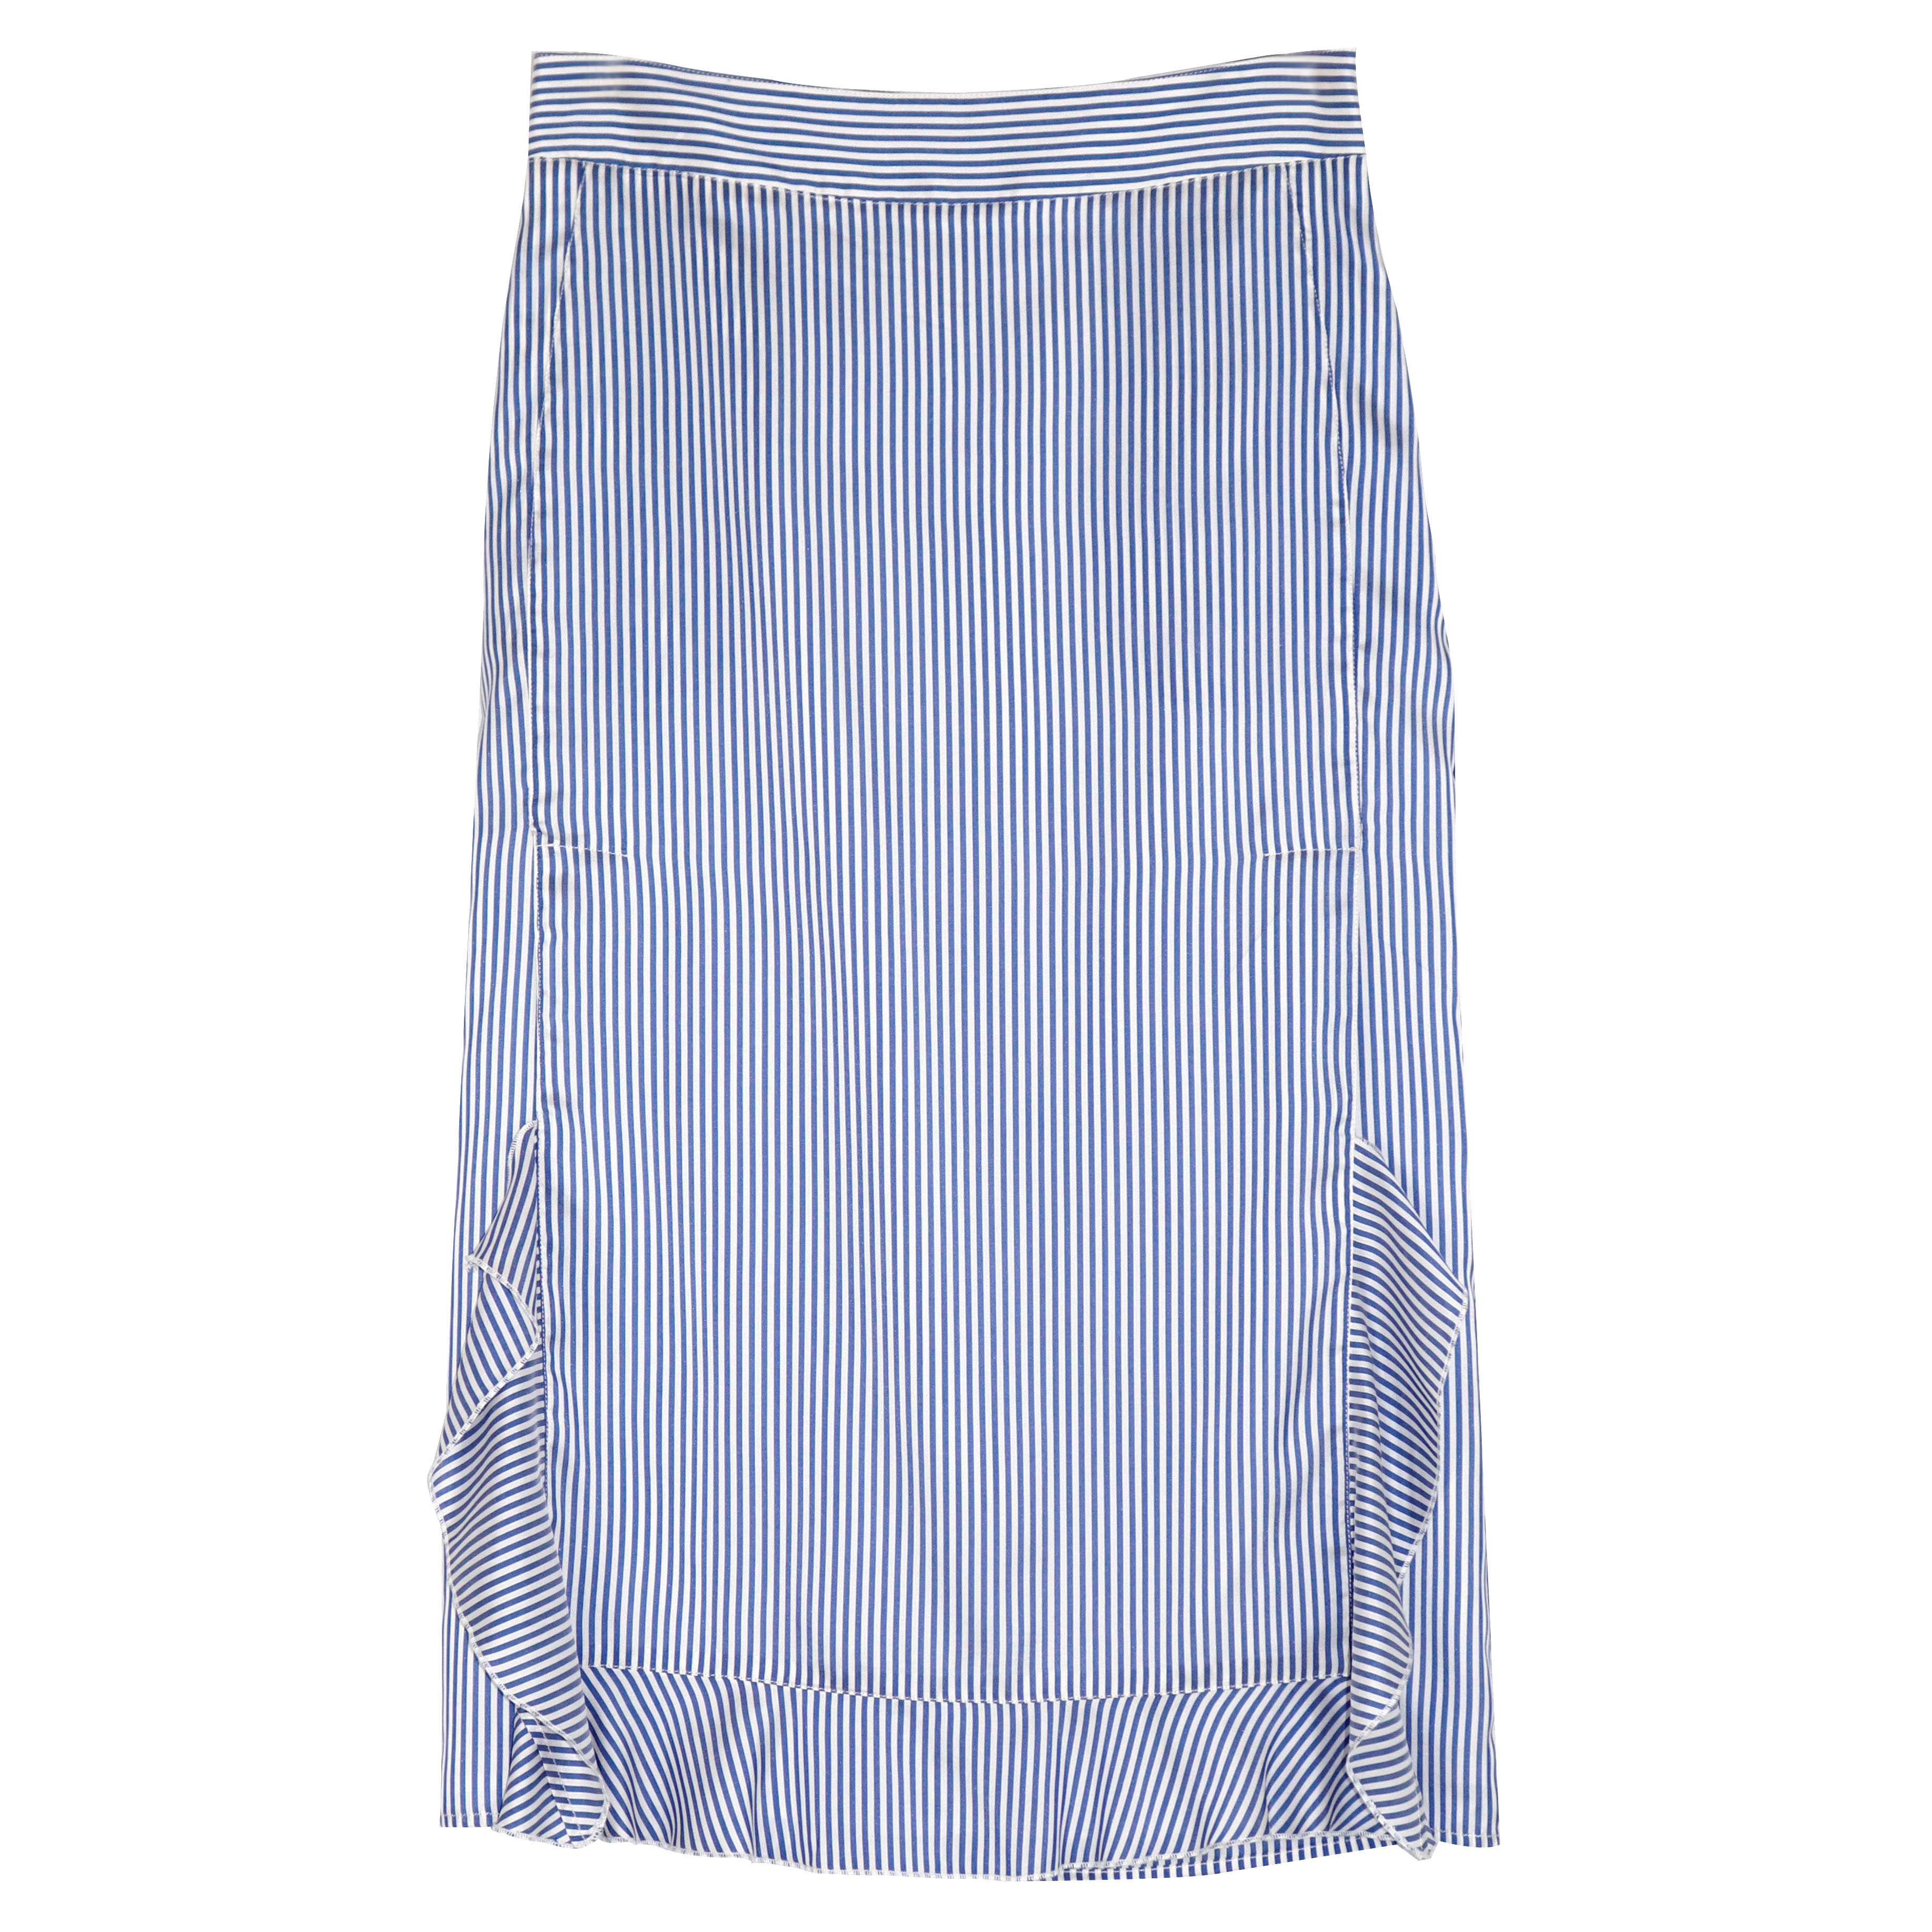 Silk ruffle skirt yes